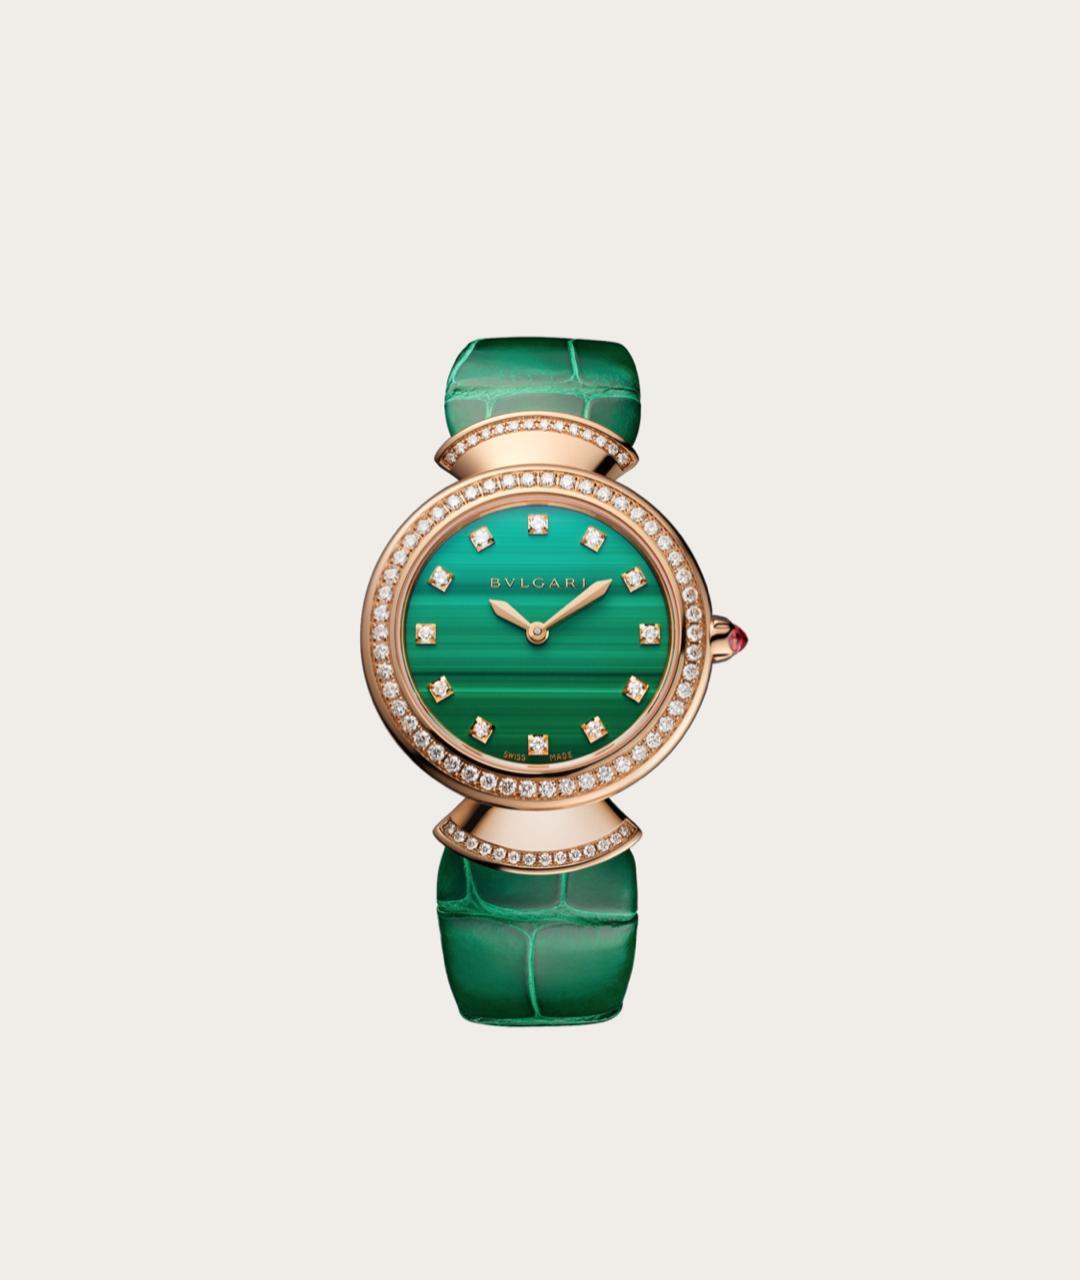 ساعة ديفز دريم من بولغري Bvlgari